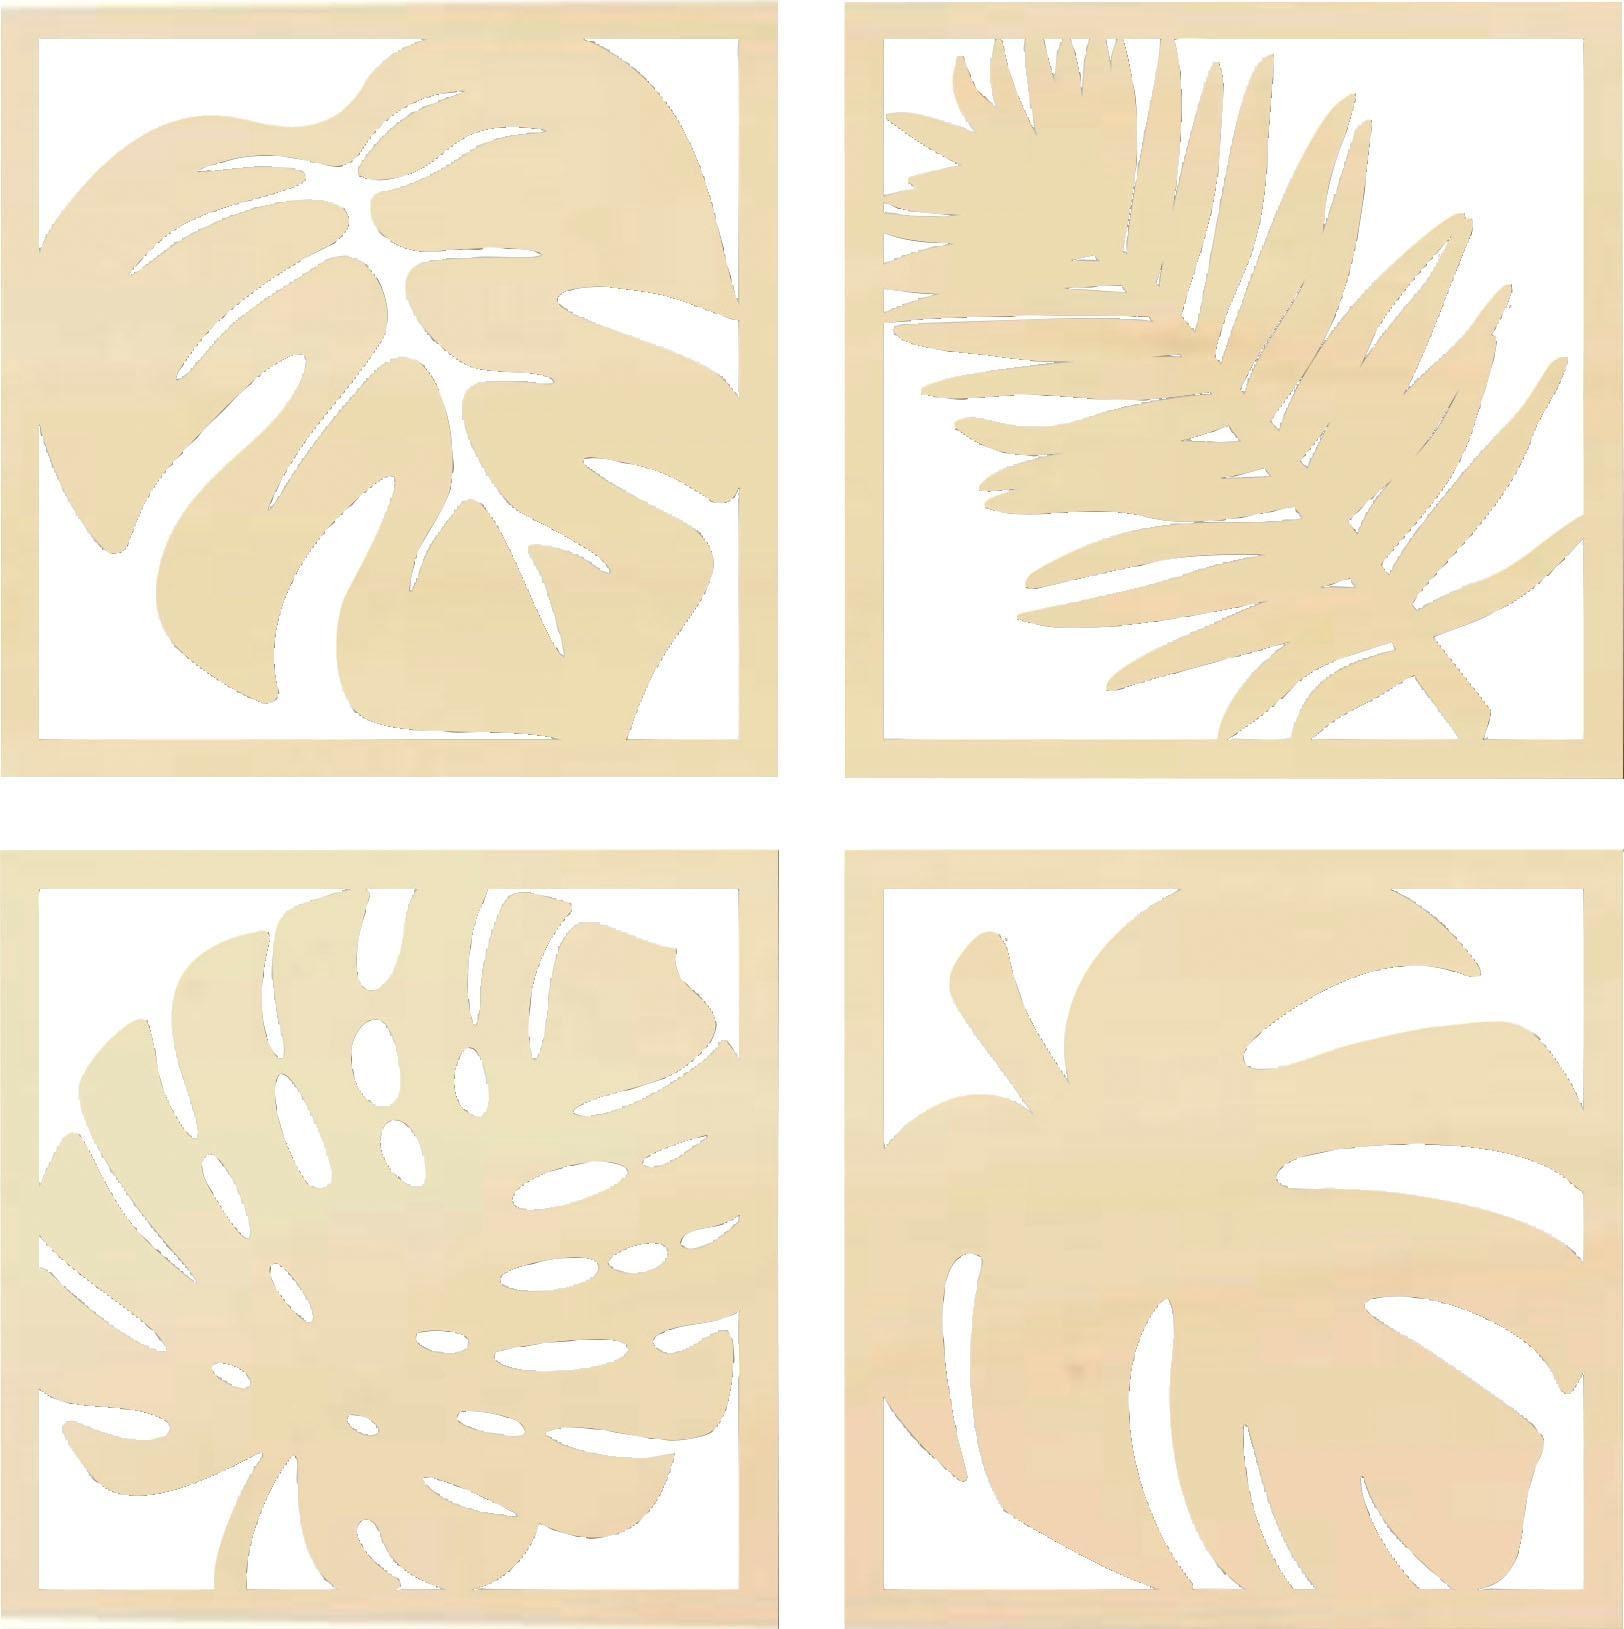 Wanddekoobjekt Pappel - Blätter Tropical Set   Dekoration > Wandtattoos > Wanddekoration